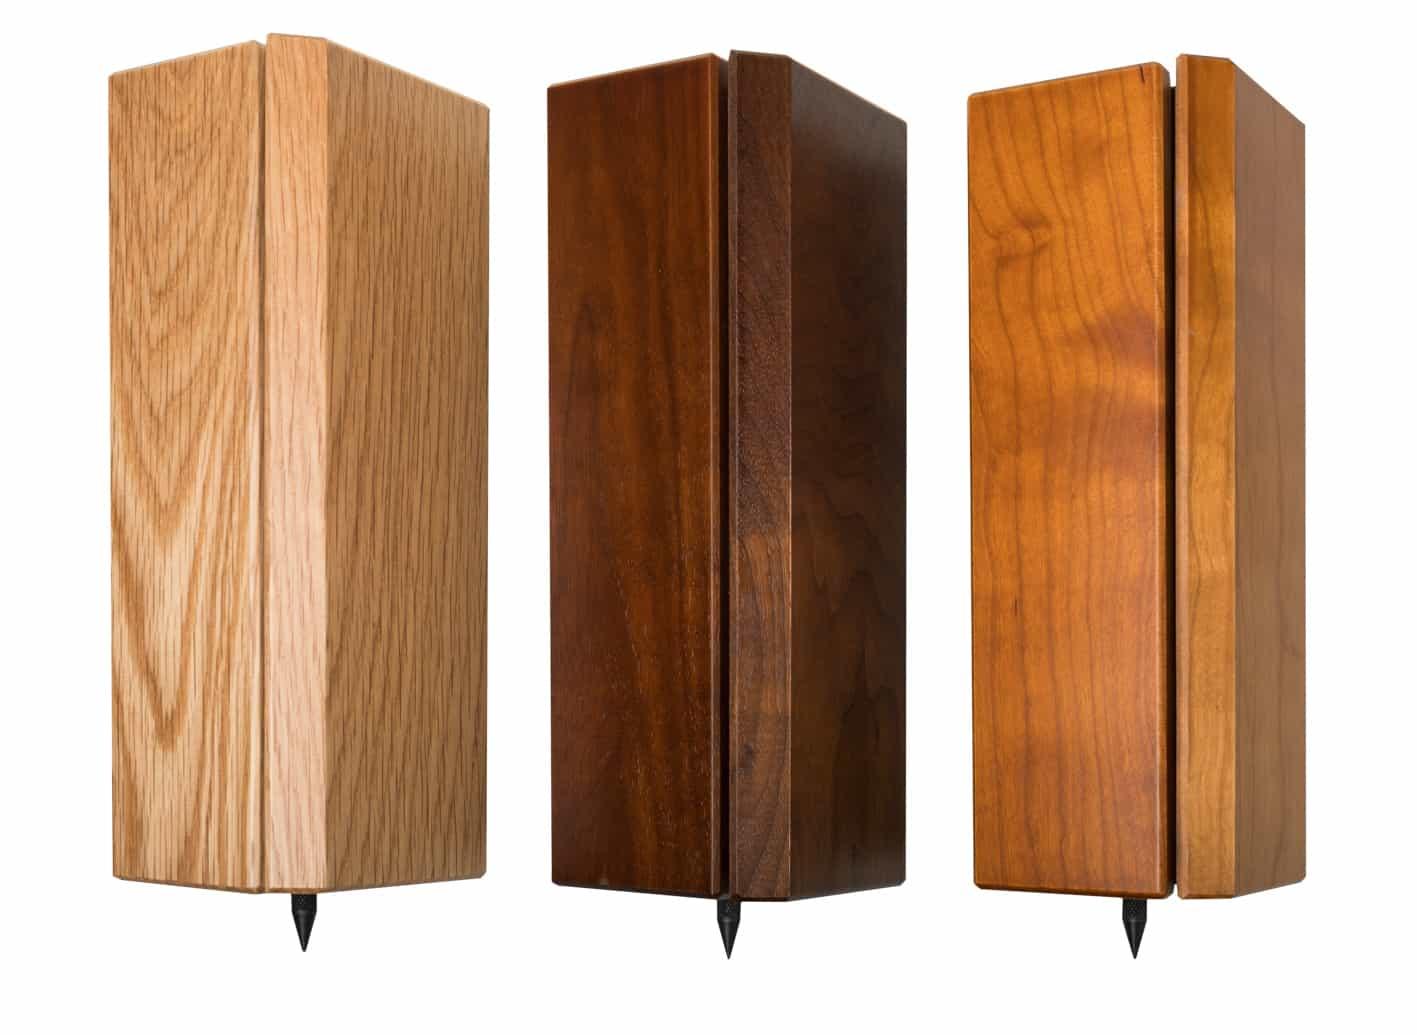 Hybrid Wood Pillars Image